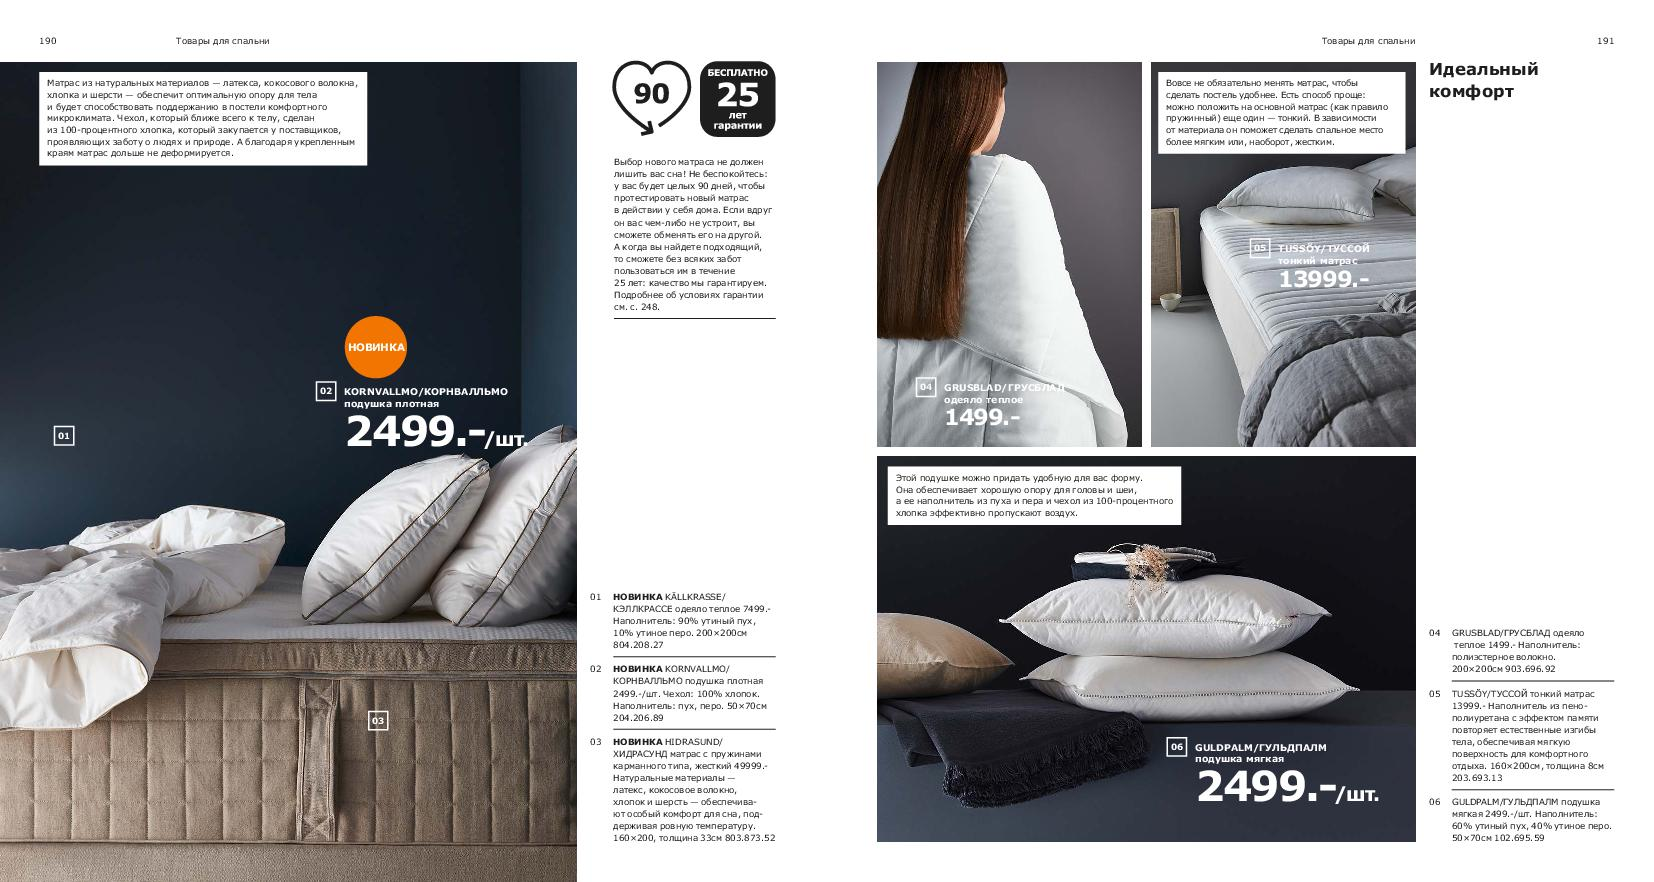 IKEA_catalogue_2019-96